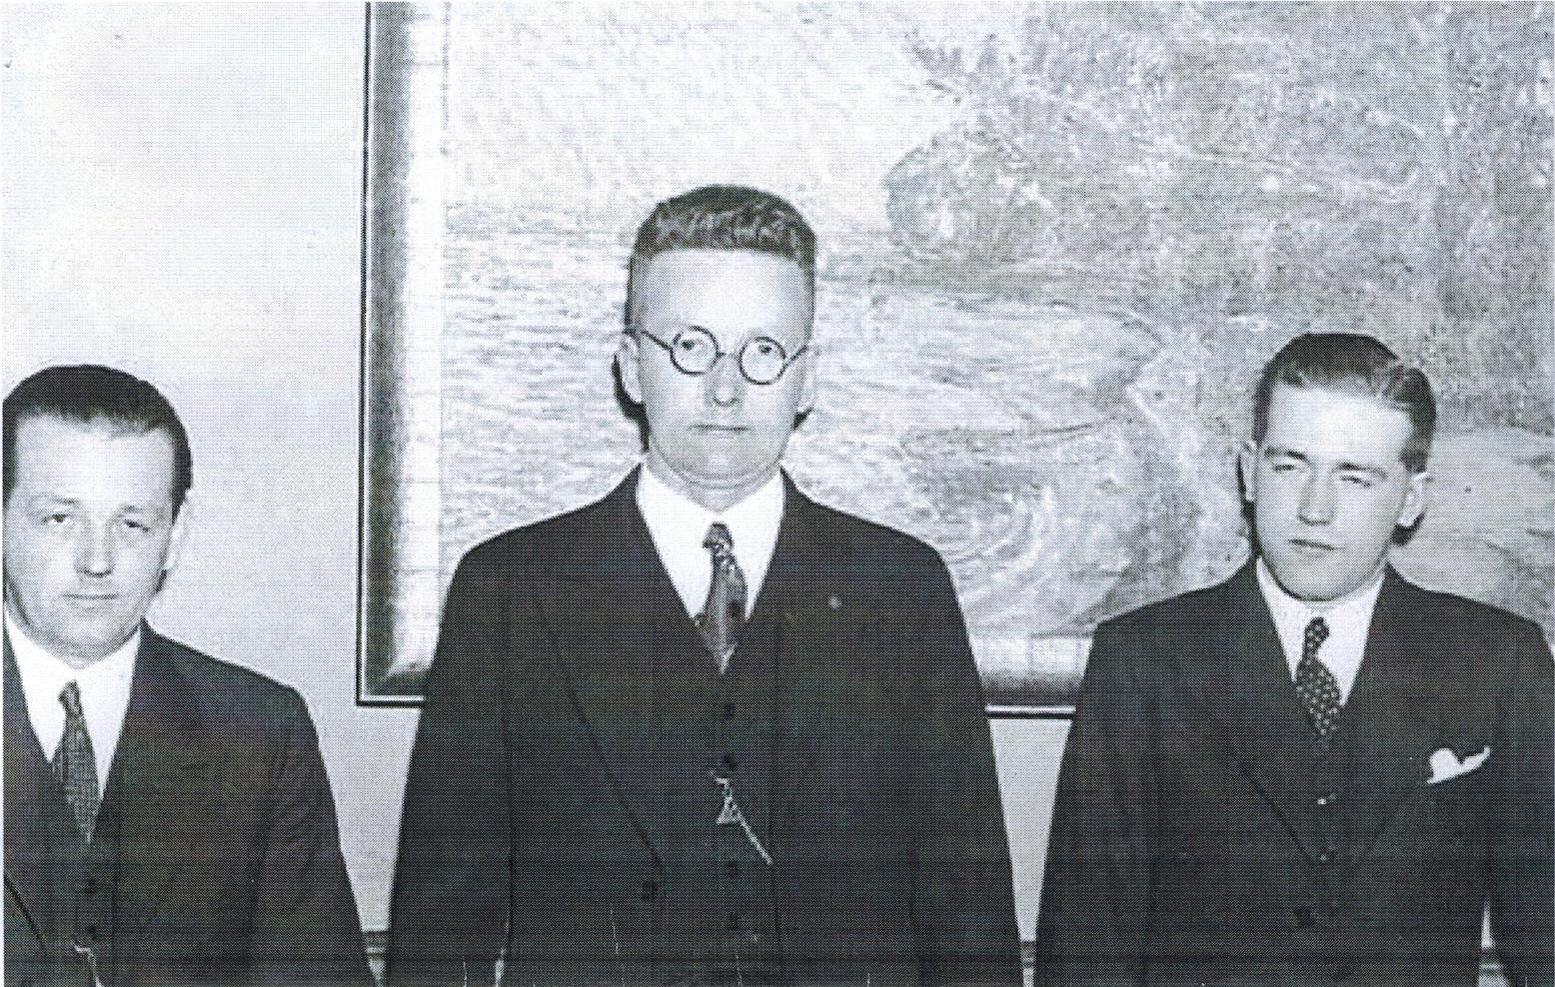 I mitten Bror Gustav Bylund. På hans vänstra sida Simon Fredriksson. Mannen till höger okänd.